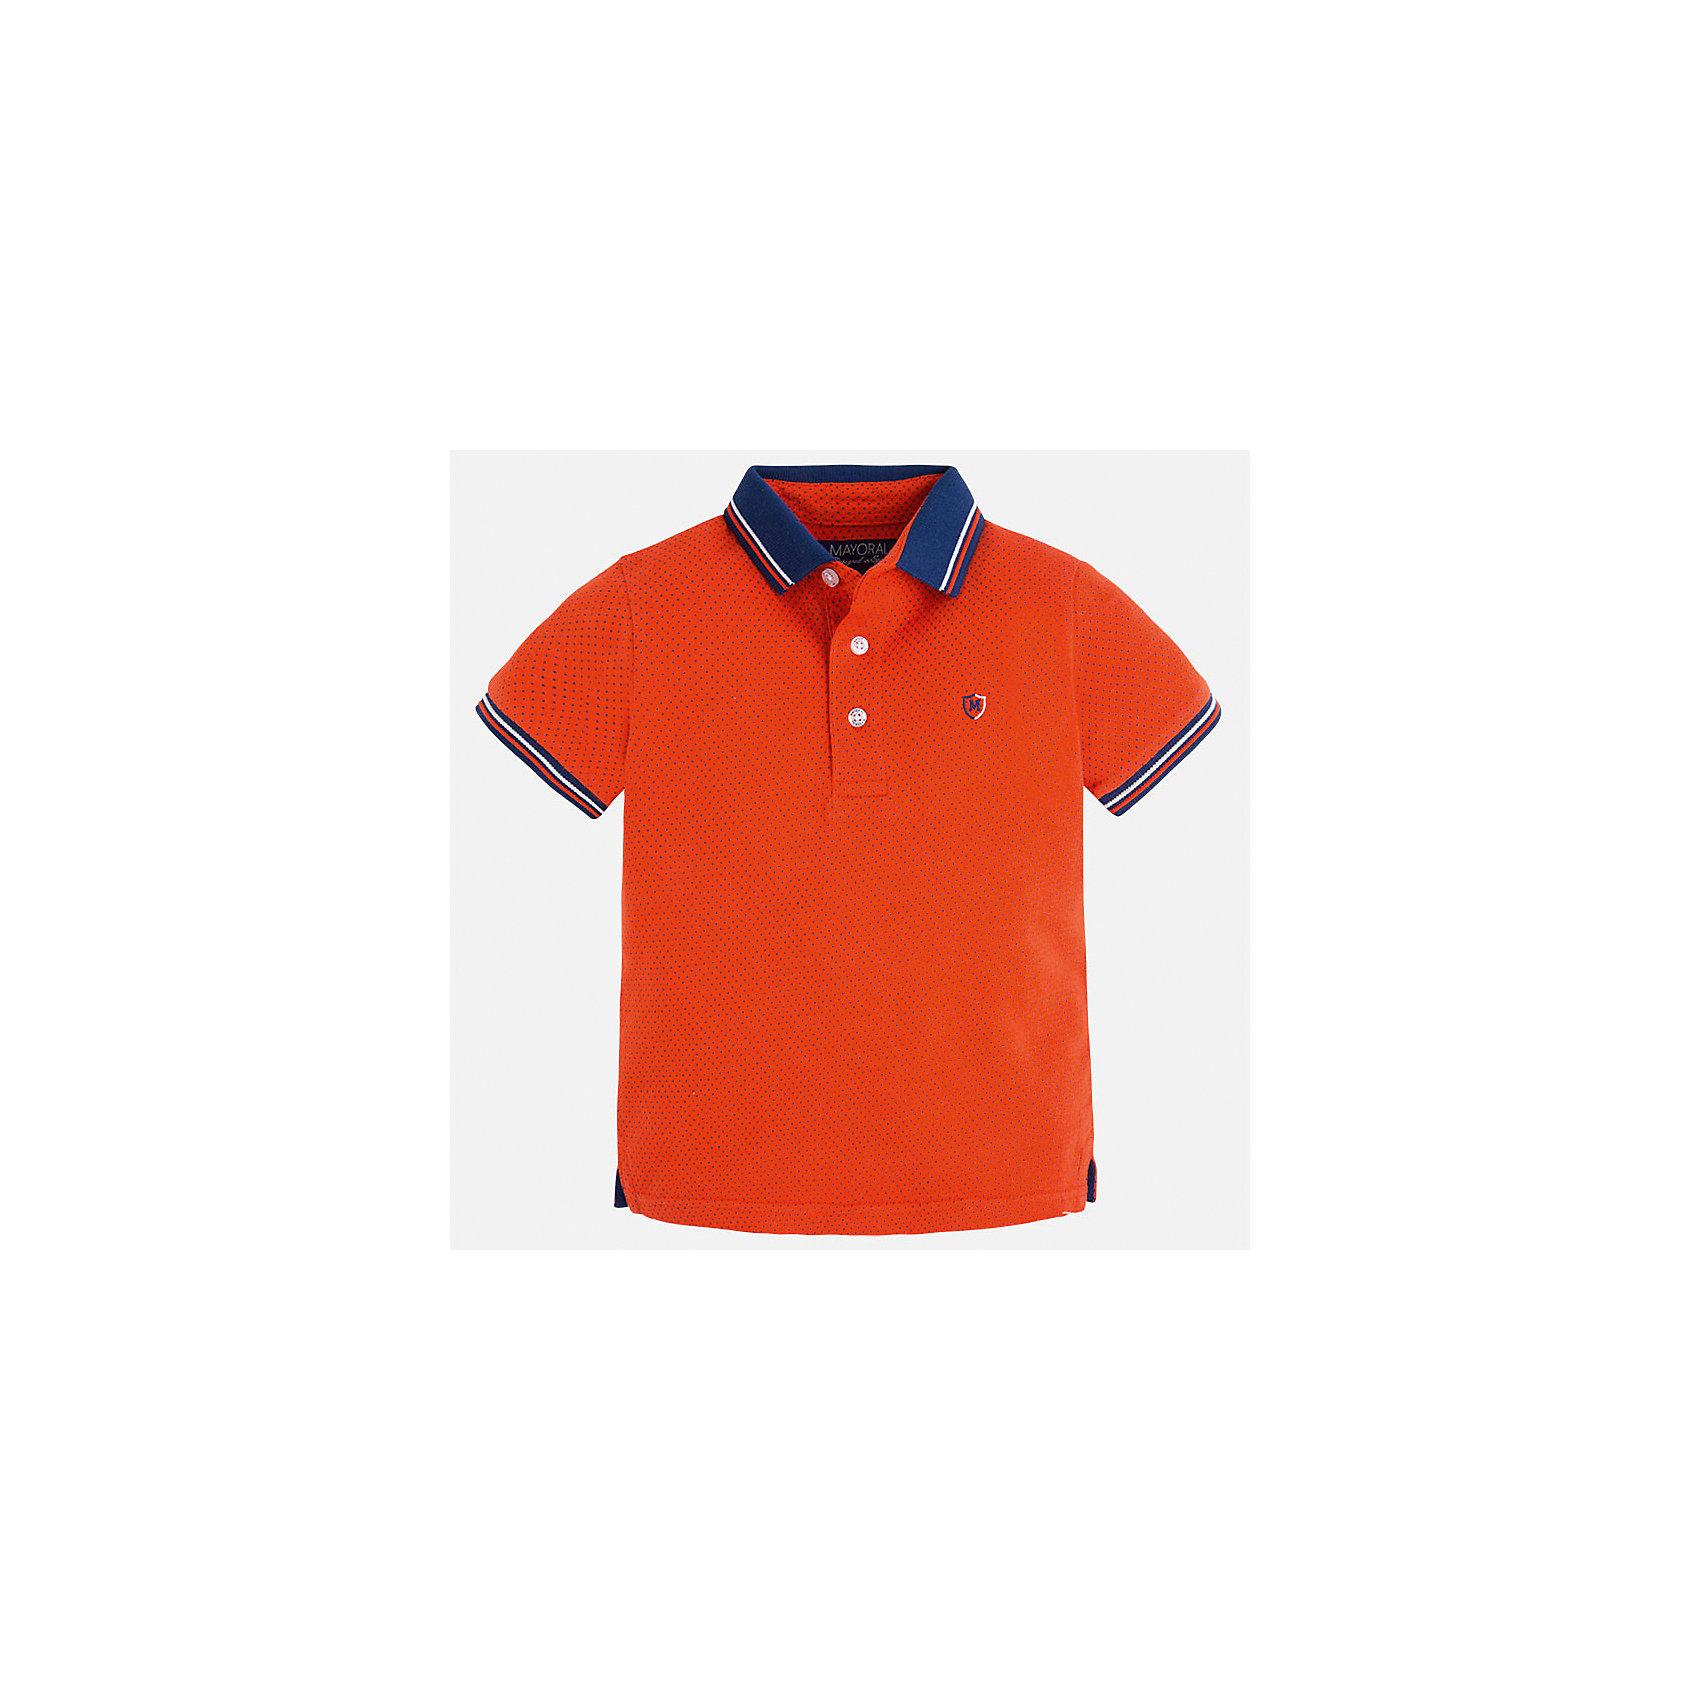 Футболка-поло для мальчика MayoralХарактеристики товара:<br><br>• цвет: красный<br>• состав: 100% хлопок<br>• отложной воротник<br>• короткие рукава<br>• застежка: пуговицы<br>• декорирована вышивкой<br>• страна бренда: Испания<br><br>Модная футболка-поло для мальчика может стать базовой вещью в гардеробе ребенка. Она отлично сочетается с брюками, шортами, джинсами и т.д. Универсальный крой и цвет позволяет подобрать к вещи низ разных расцветок. Практичное и стильное изделие! В составе материала - только натуральный хлопок, гипоаллергенный, приятный на ощупь, дышащий.<br><br>Одежда, обувь и аксессуары от испанского бренда Mayoral полюбились детям и взрослым по всему миру. Модели этой марки - стильные и удобные. Для их производства используются только безопасные, качественные материалы и фурнитура. Порадуйте ребенка модными и красивыми вещами от Mayoral! <br><br>Футболку-поло для мальчика от испанского бренда Mayoral (Майорал) можно купить в нашем интернет-магазине.<br><br>Ширина мм: 199<br>Глубина мм: 10<br>Высота мм: 161<br>Вес г: 151<br>Цвет: красный<br>Возраст от месяцев: 84<br>Возраст до месяцев: 96<br>Пол: Мужской<br>Возраст: Детский<br>Размер: 128,122,134,104,110,92,98,116<br>SKU: 5271877